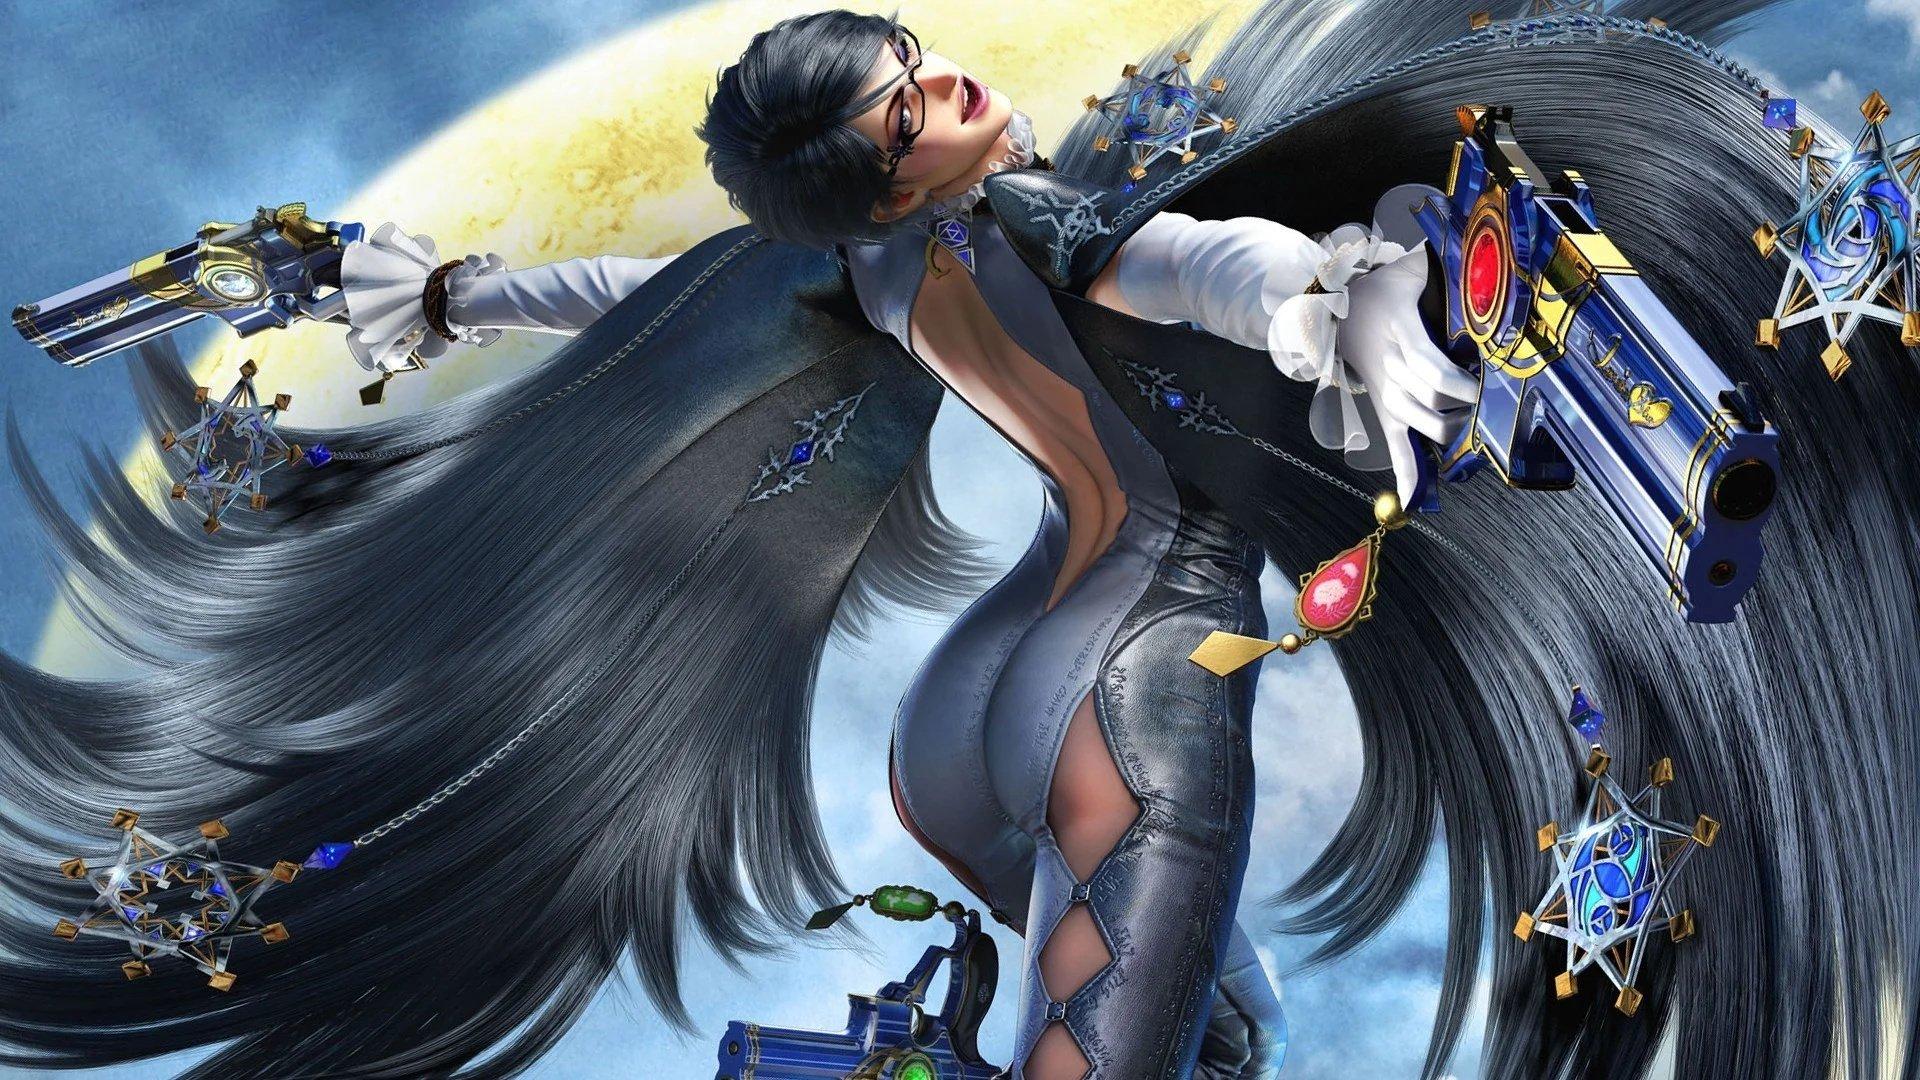 Ο Hideki Kamiya επιμένει ότι η ανάπτυξη του Bayonetta 3 πηγαίνει